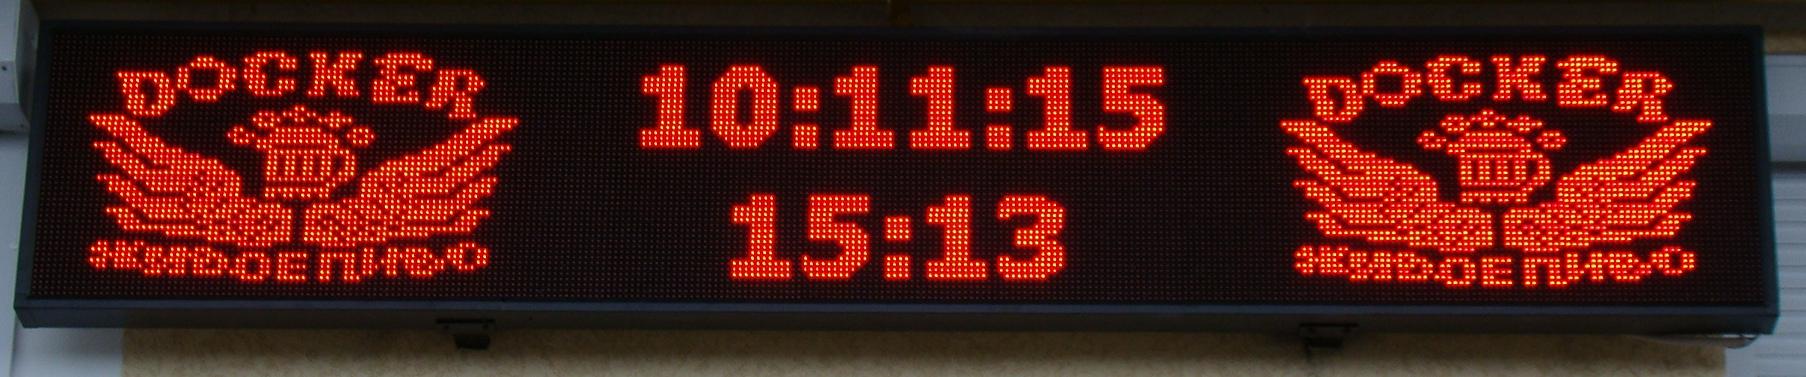 Светодиодная бегущая строка Севастополь